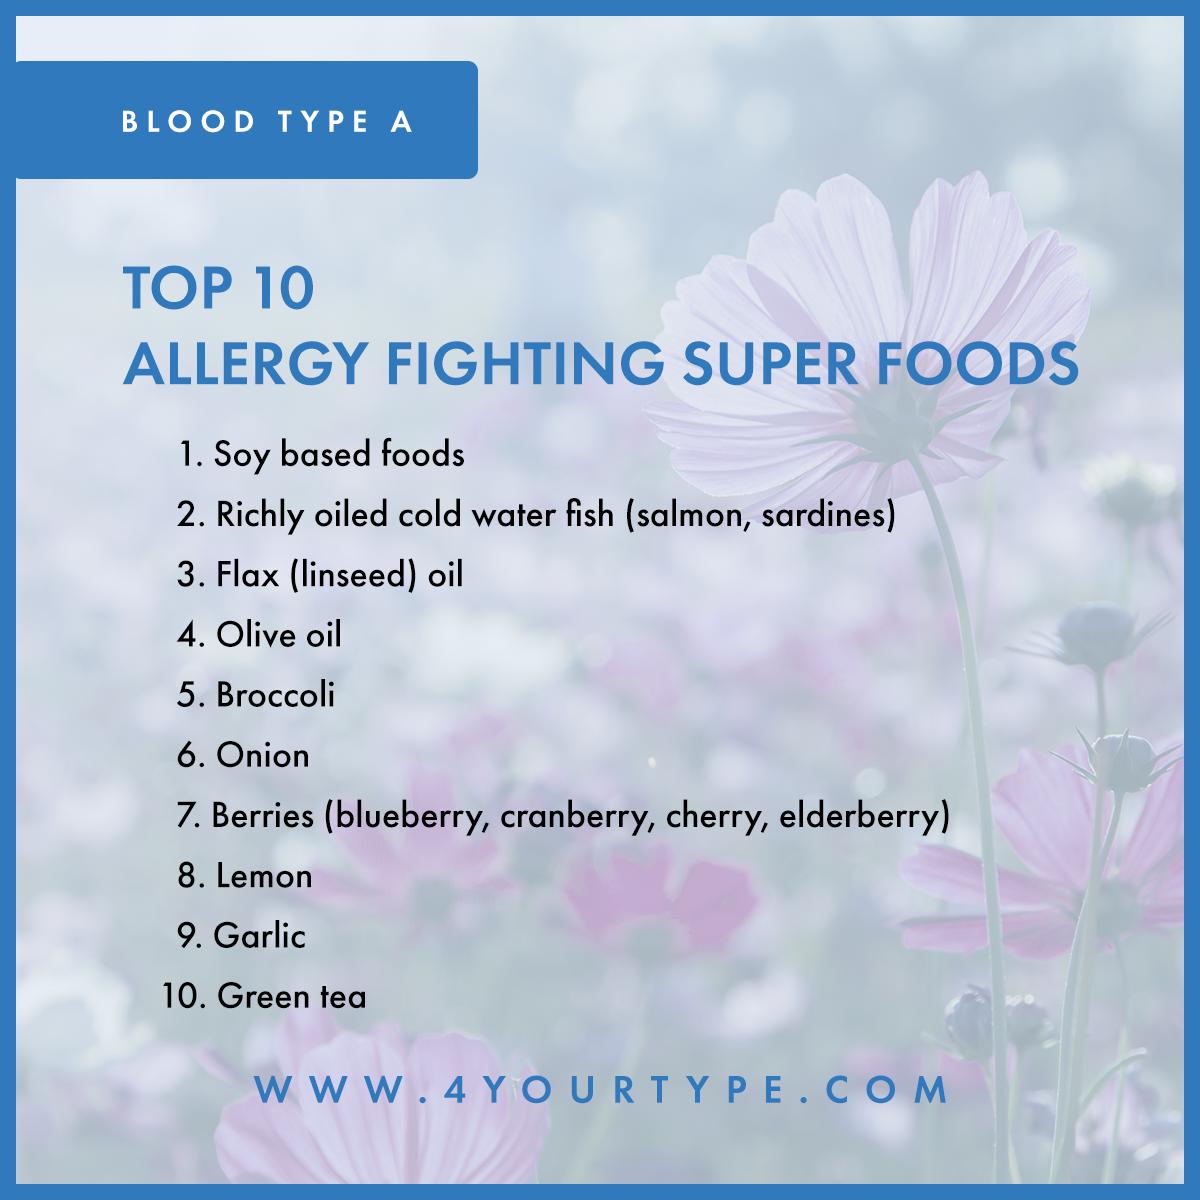 Blood Type A - Seasonal Allergies